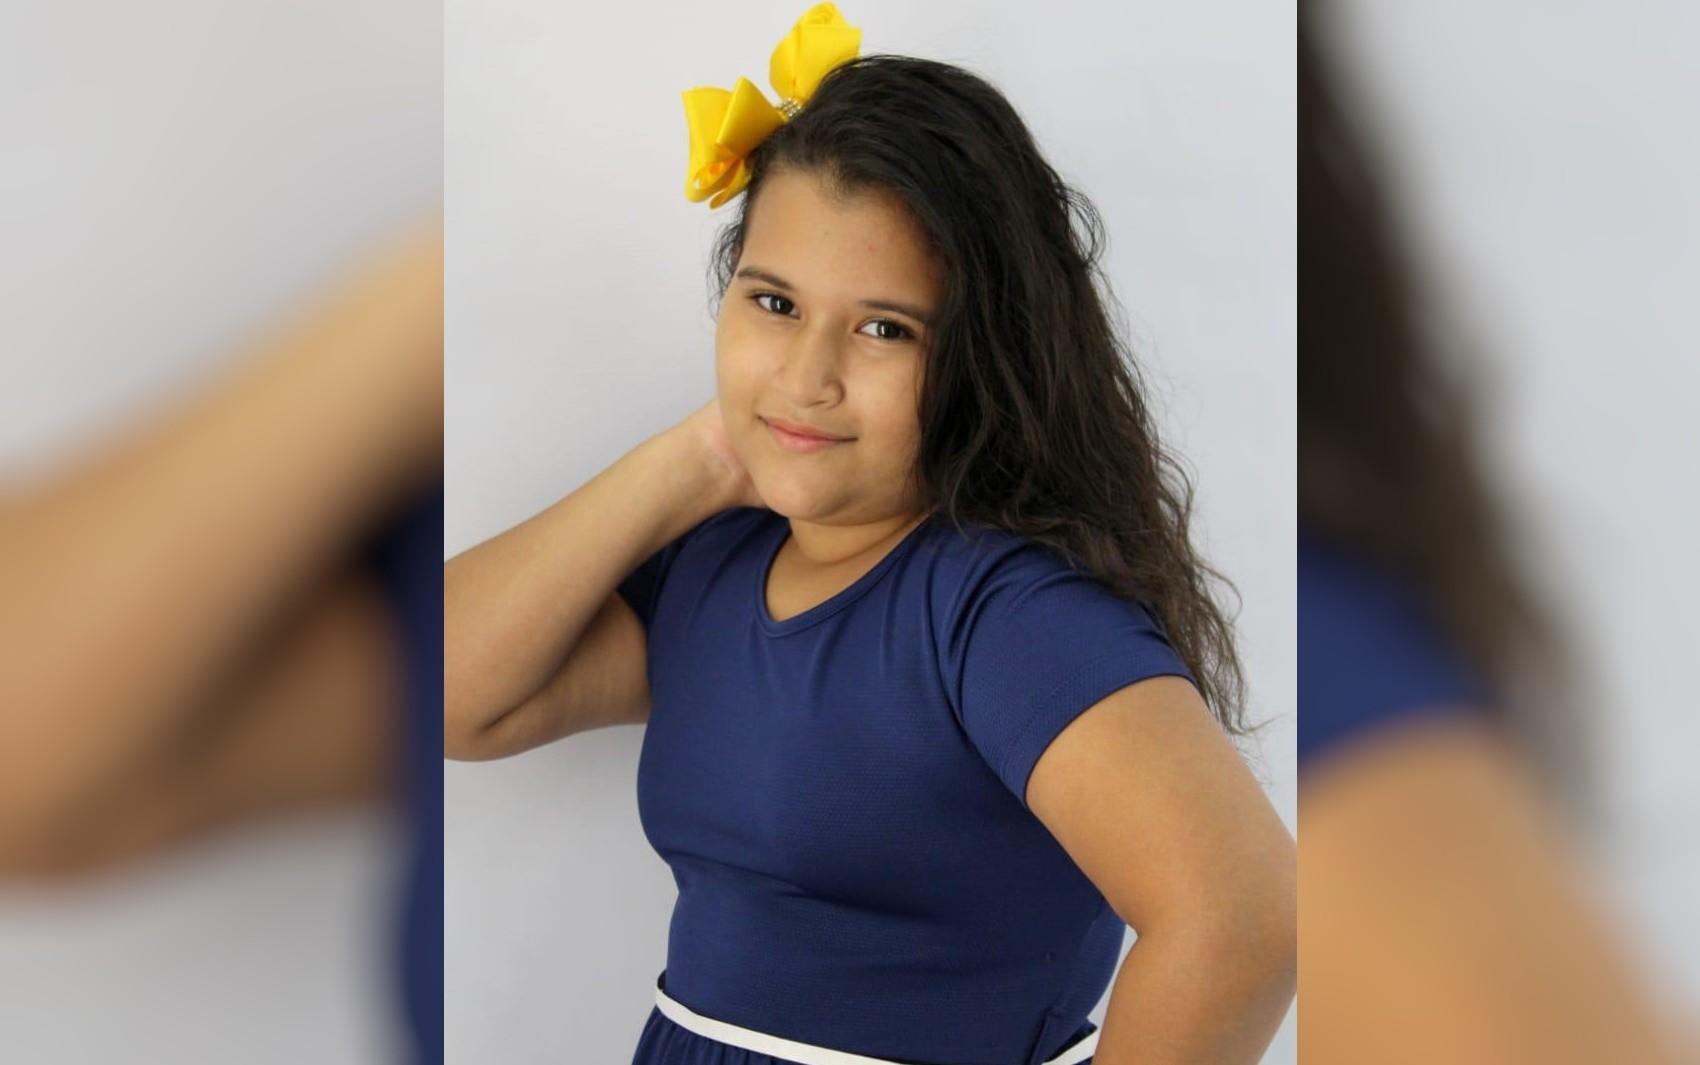 Pais confiam em recuperação da filha que teve 62% do corpo queimado ao brincar com álcool para matar carrapato: 'Milagre'